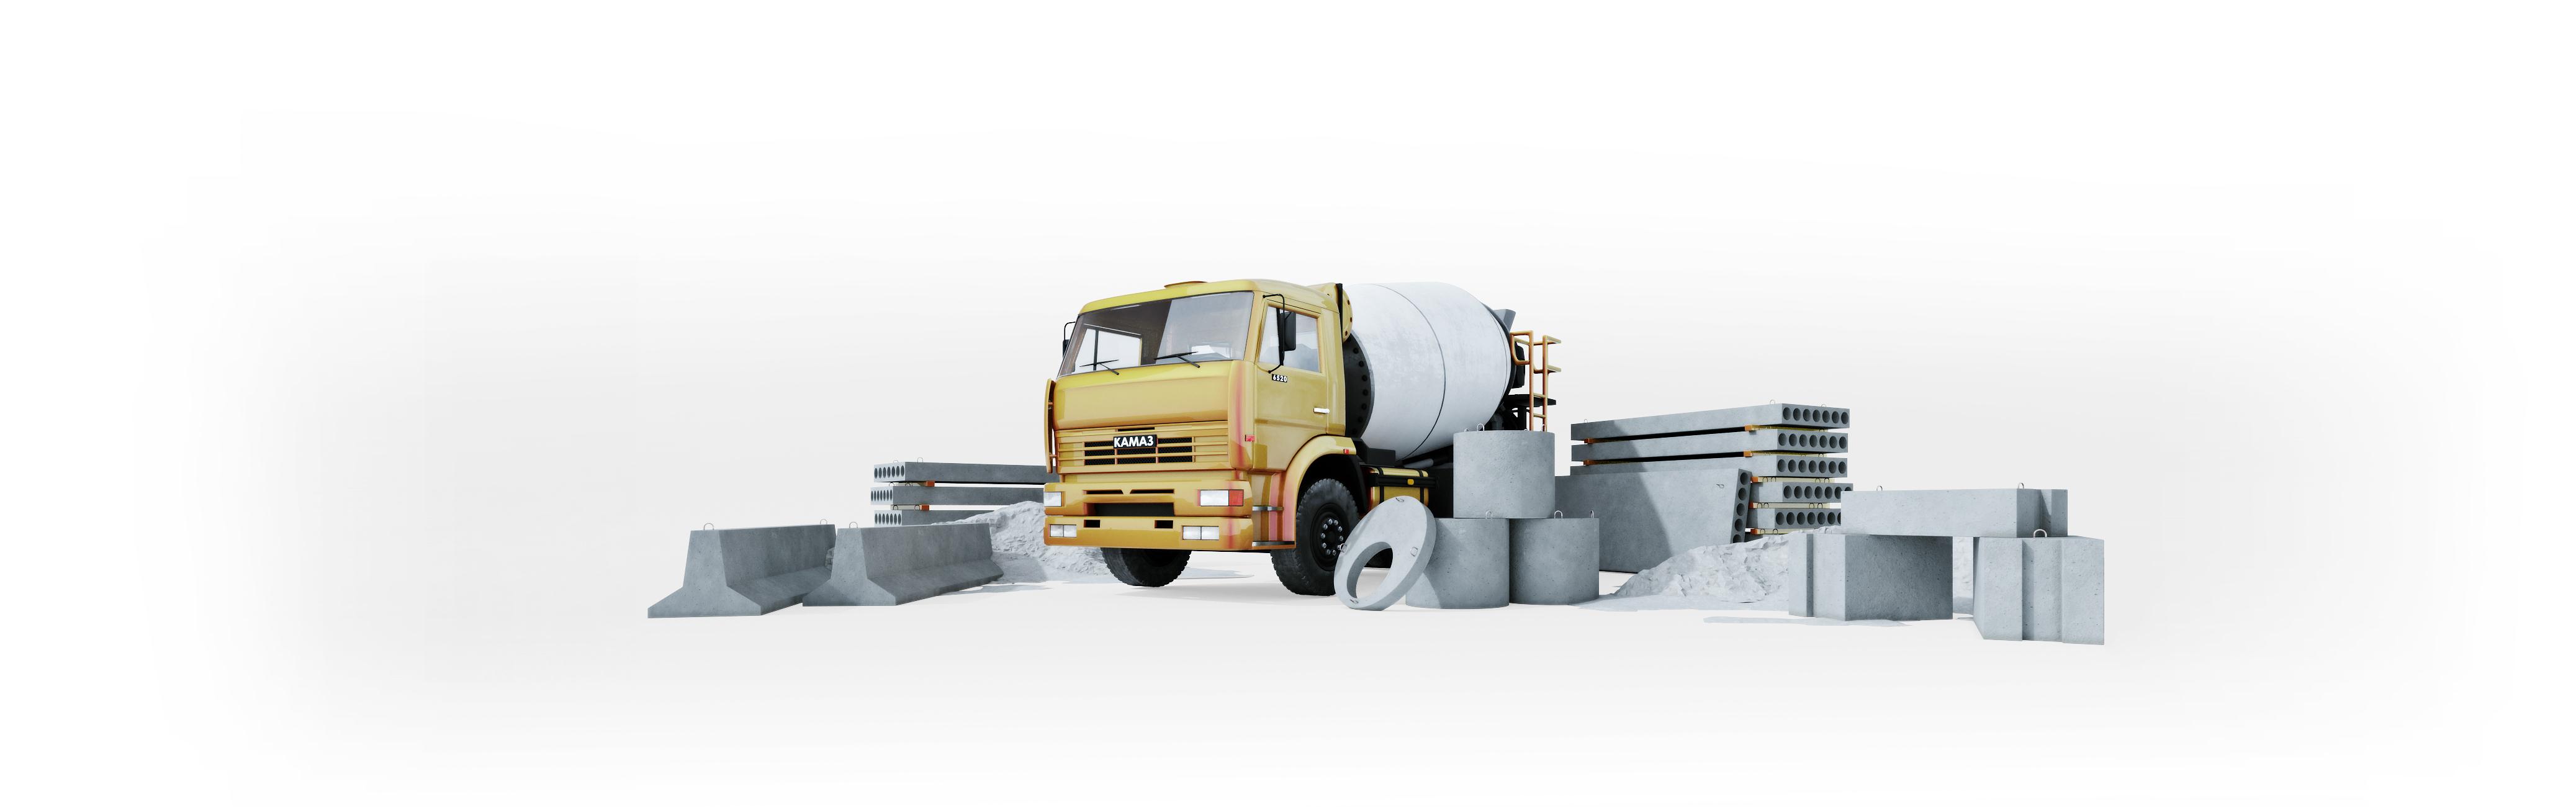 купить бетон в ирбите с доставкой цены